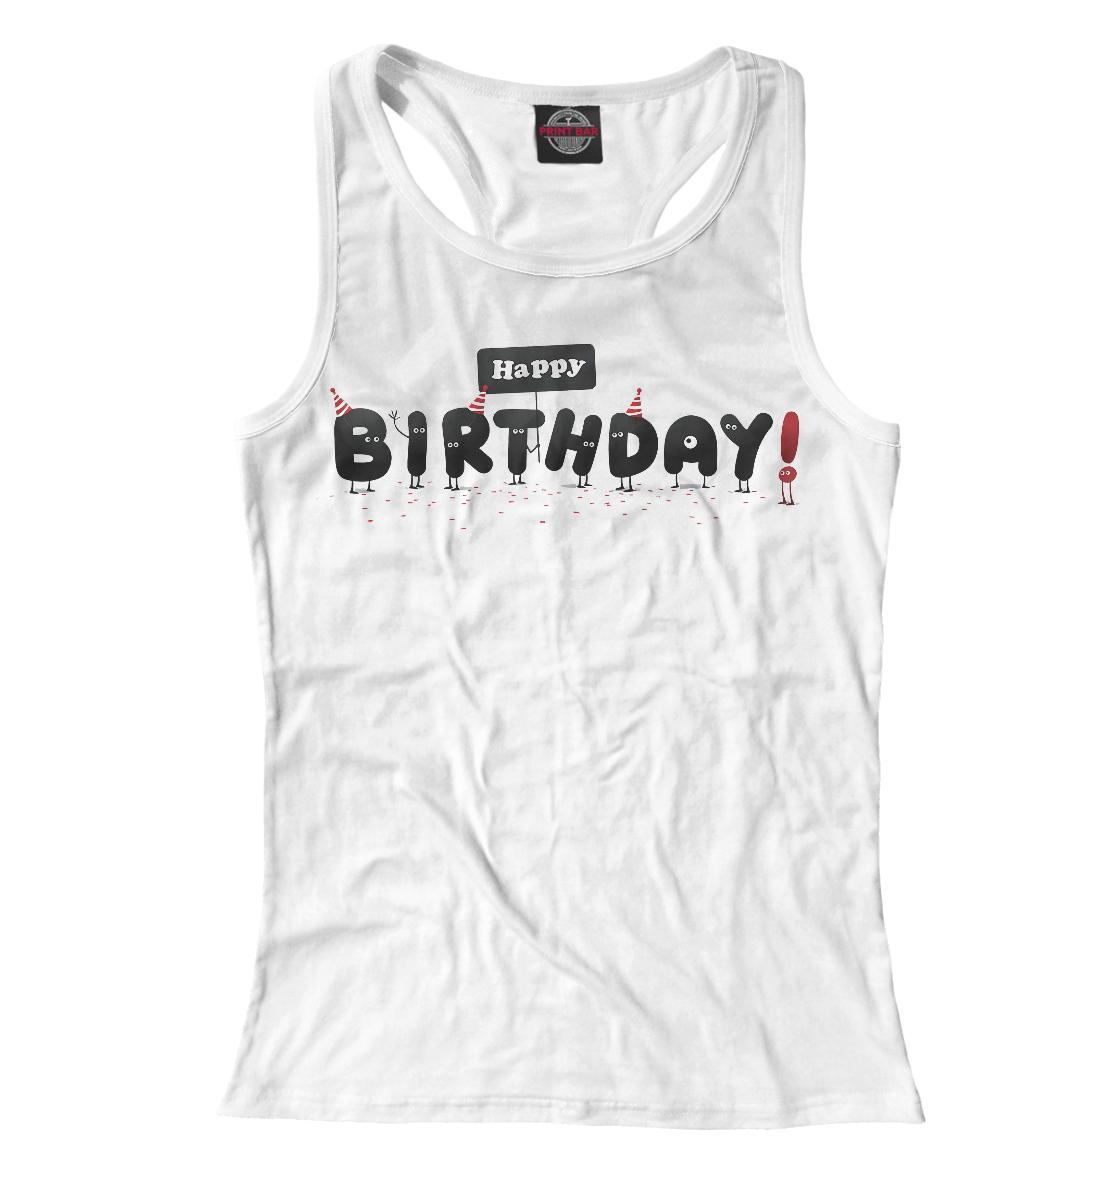 Купить С днем рождения, Printbar, Майки борцовки, NDP-515968-mayb-1